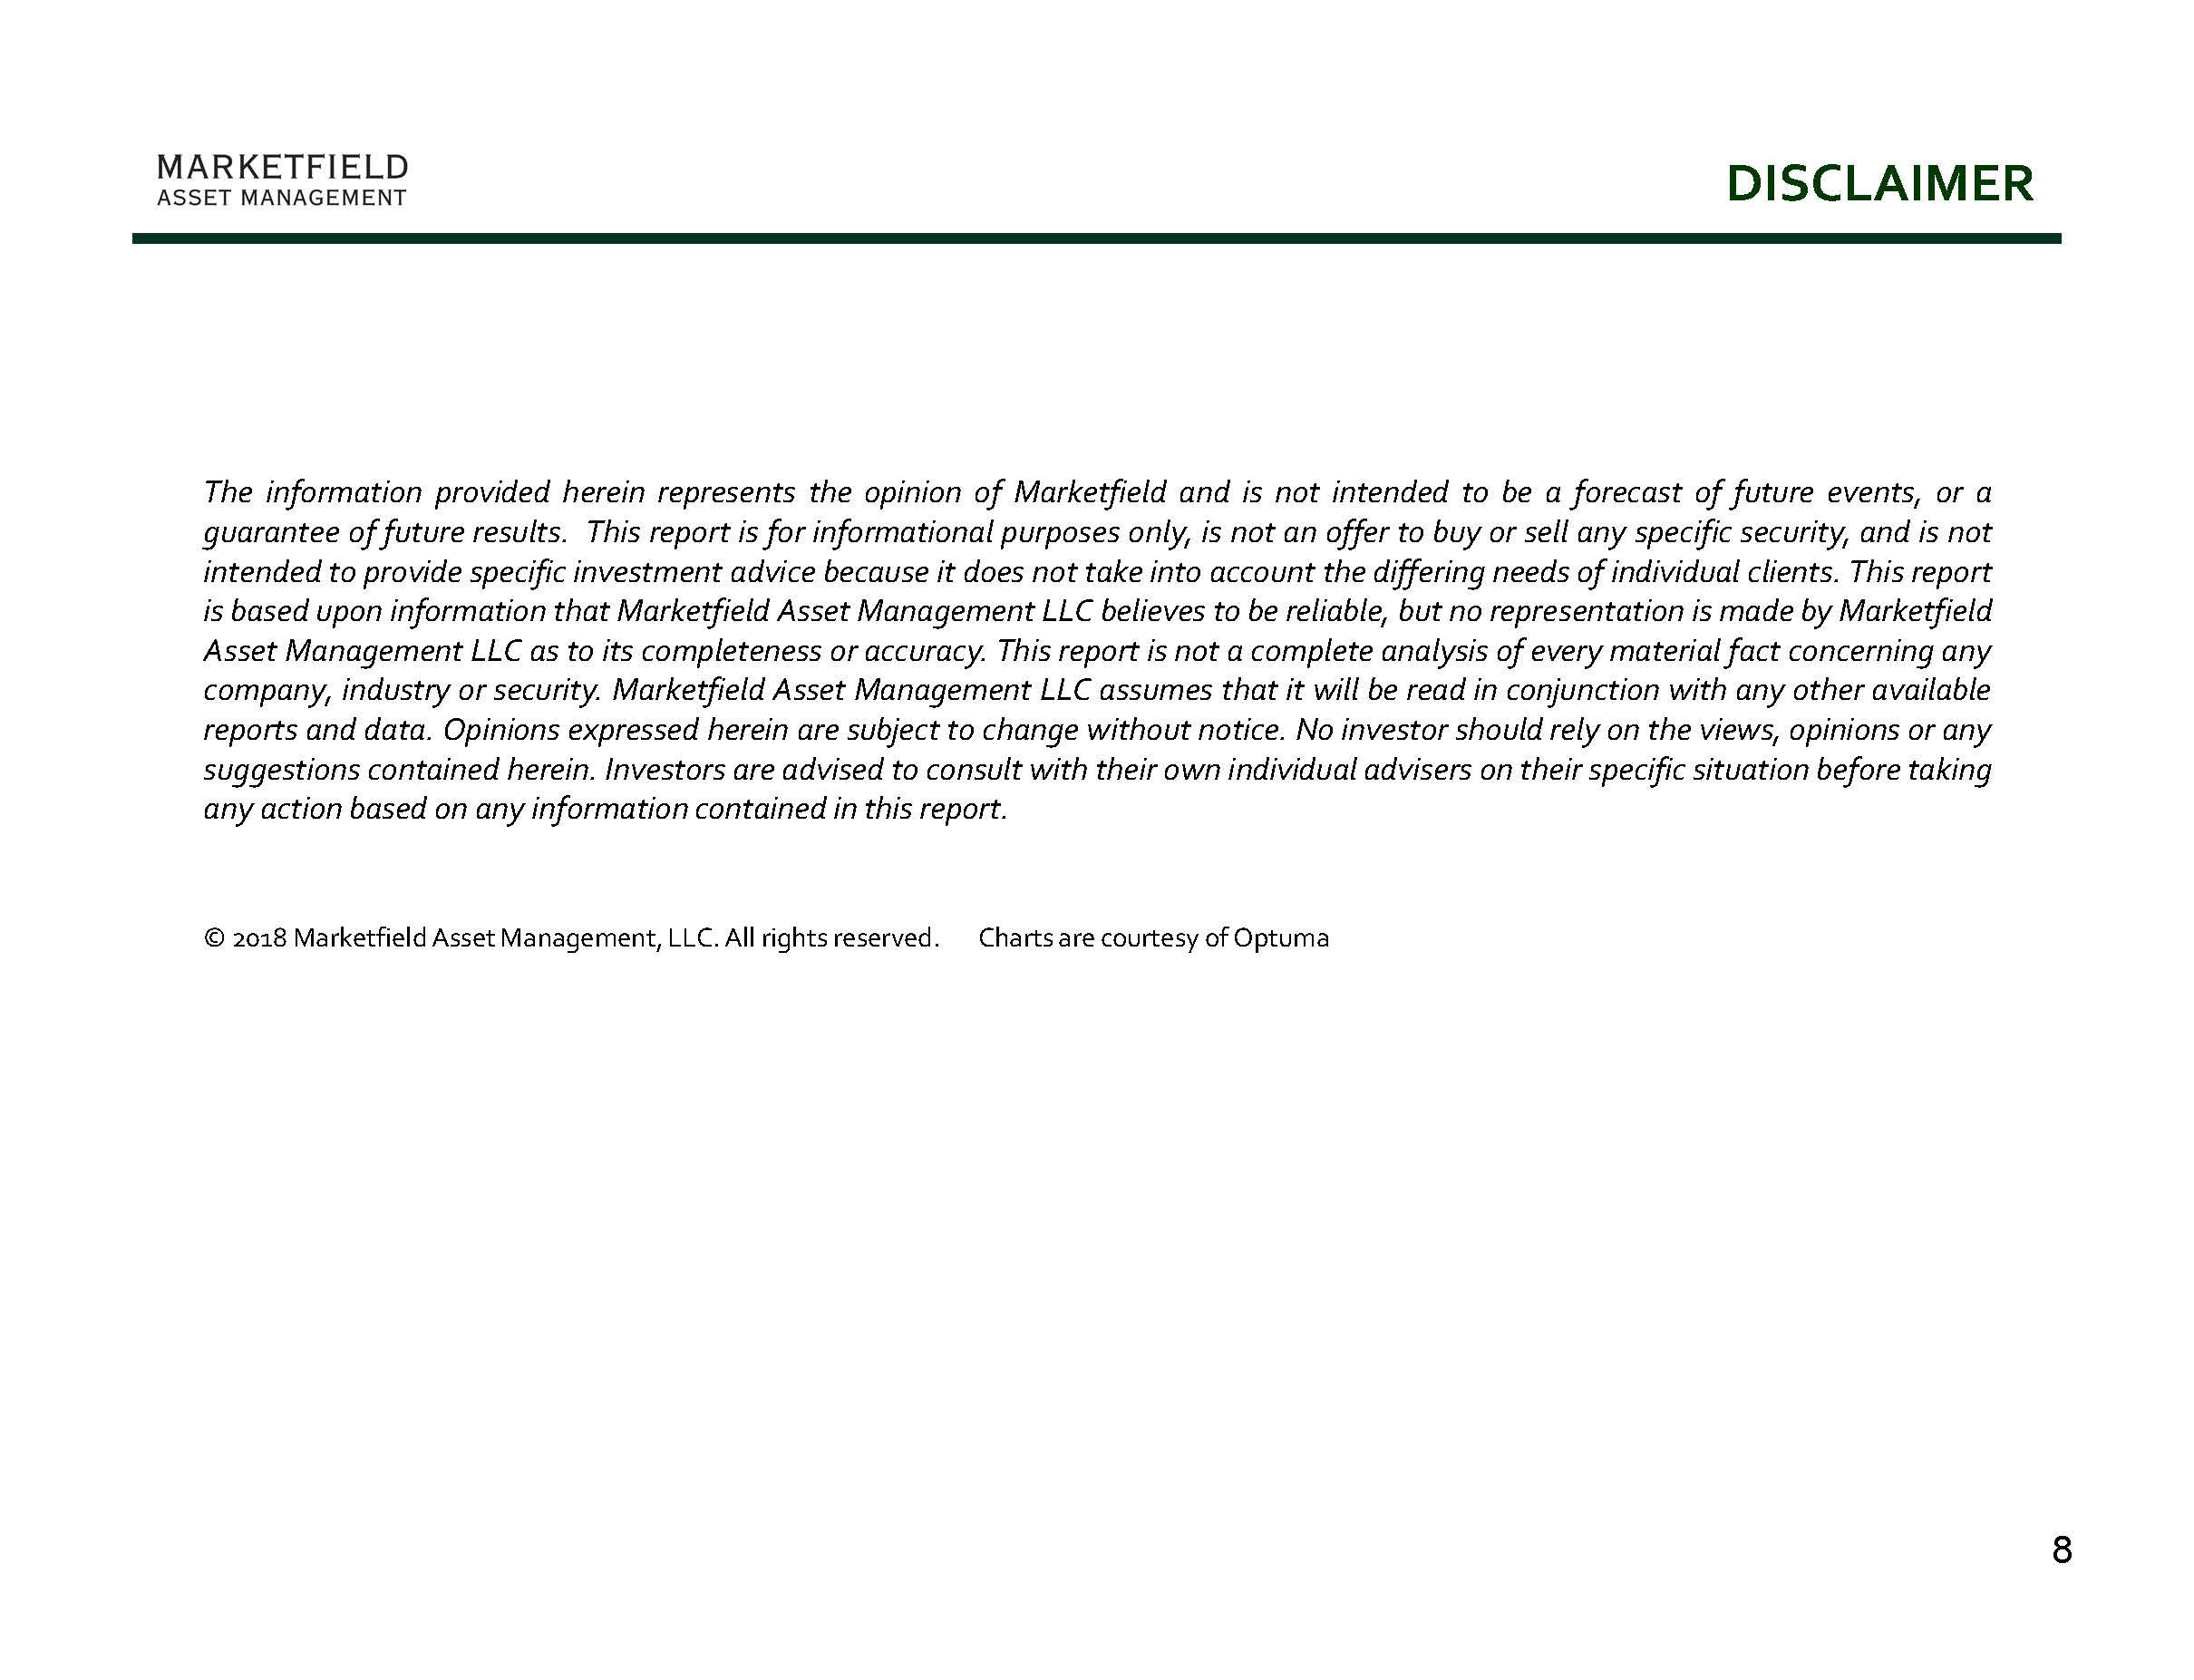 12-17-18_DM ETF_Page_8.jpg